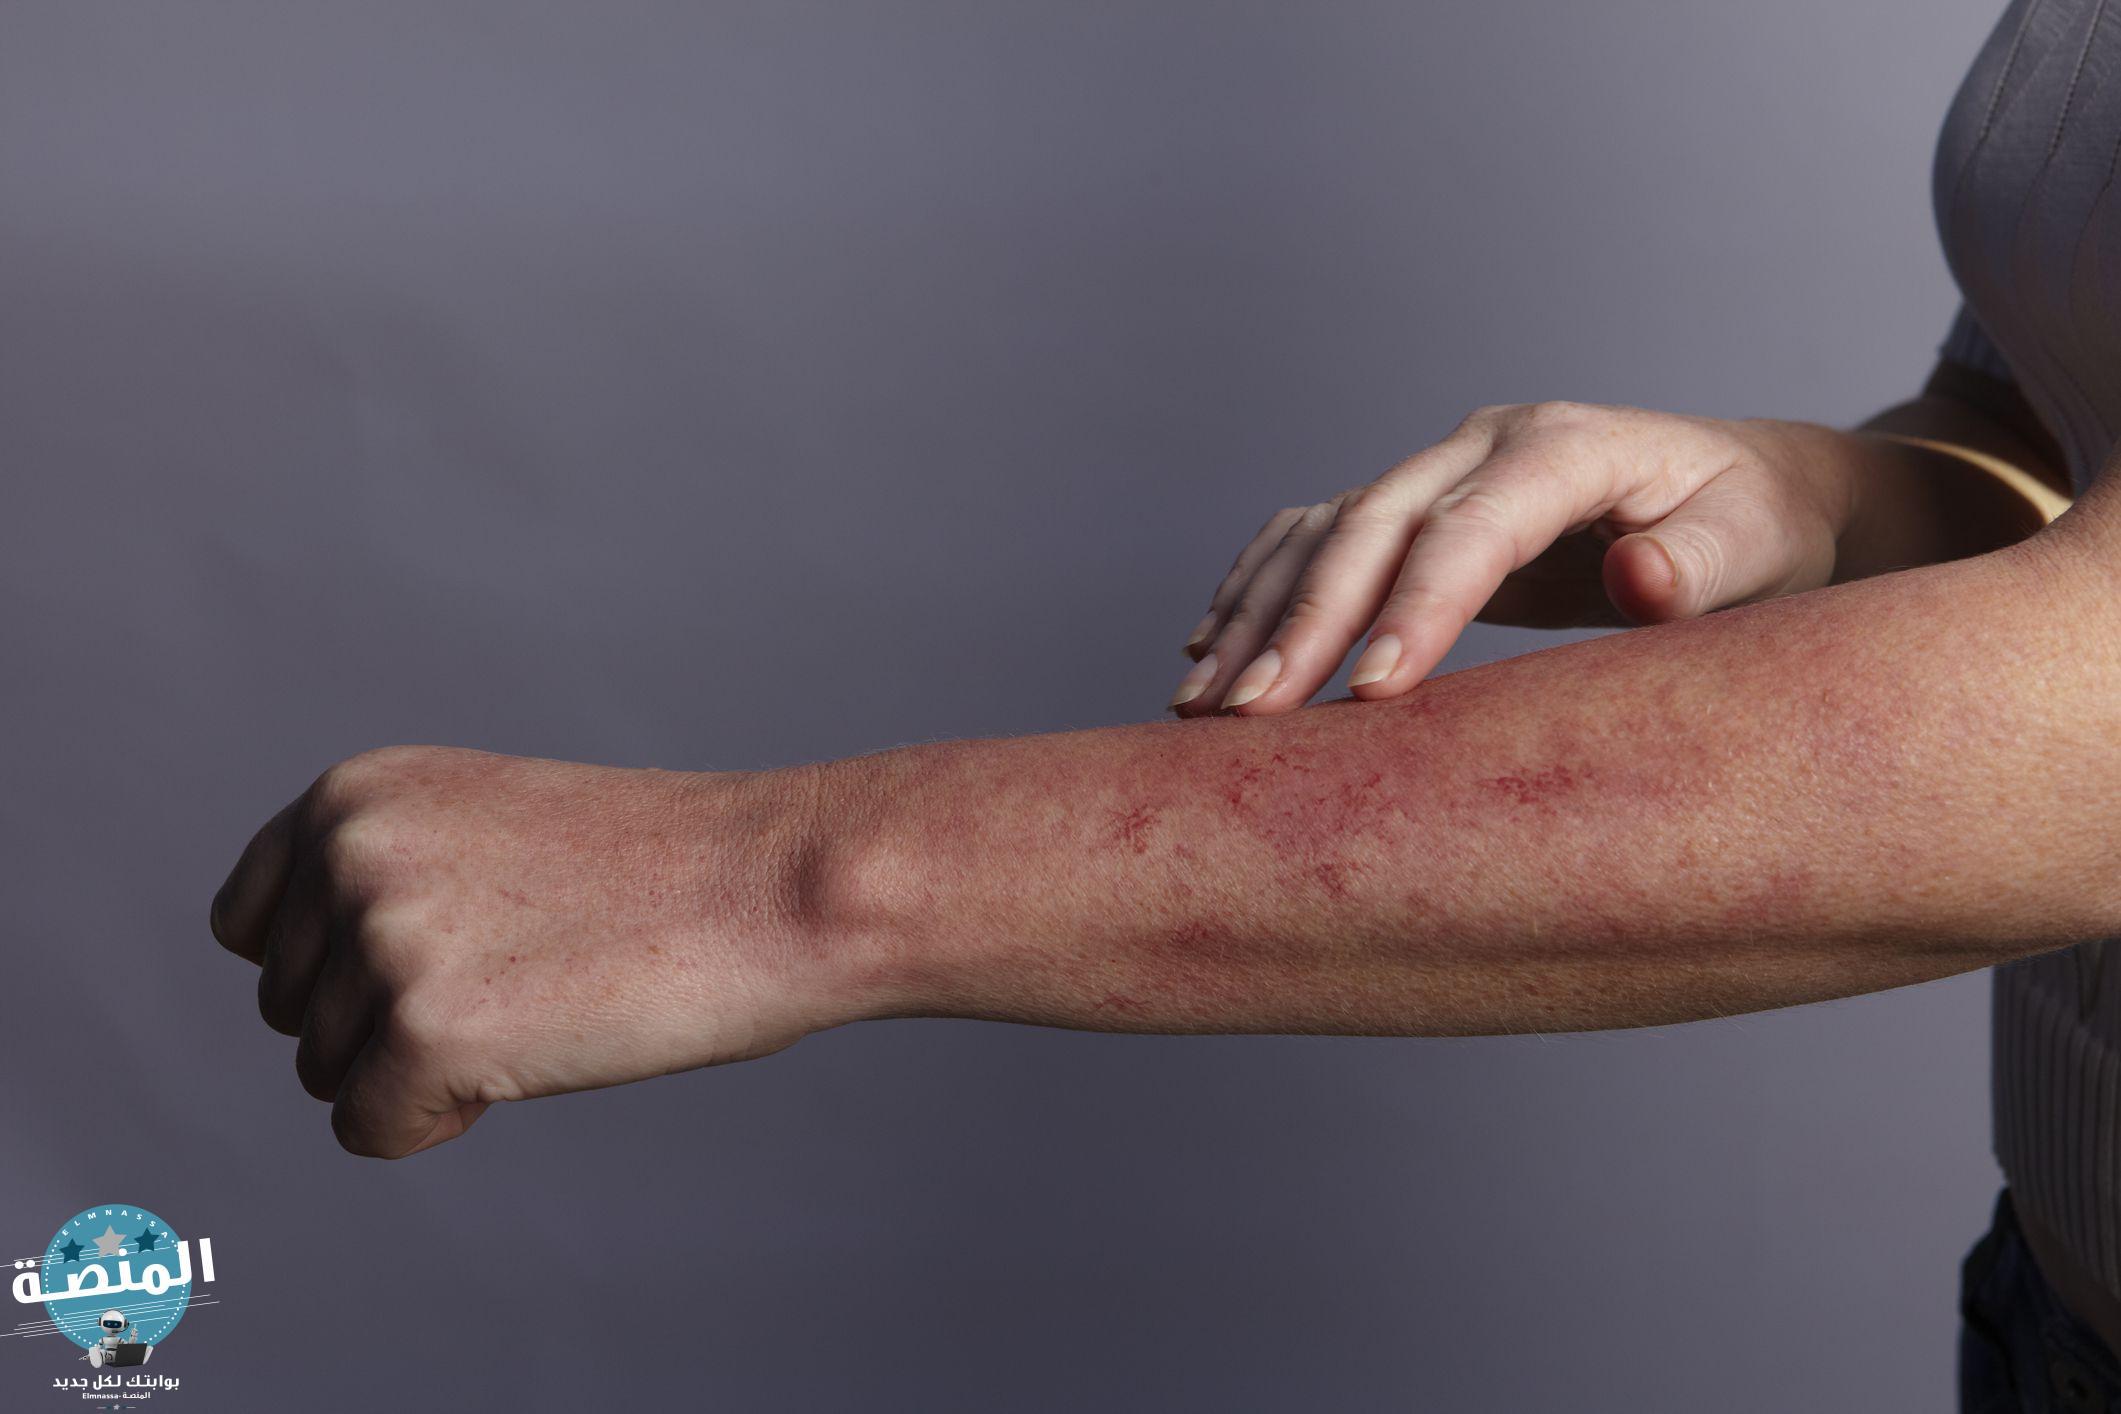 الطفح الجلدي لمرض السكري